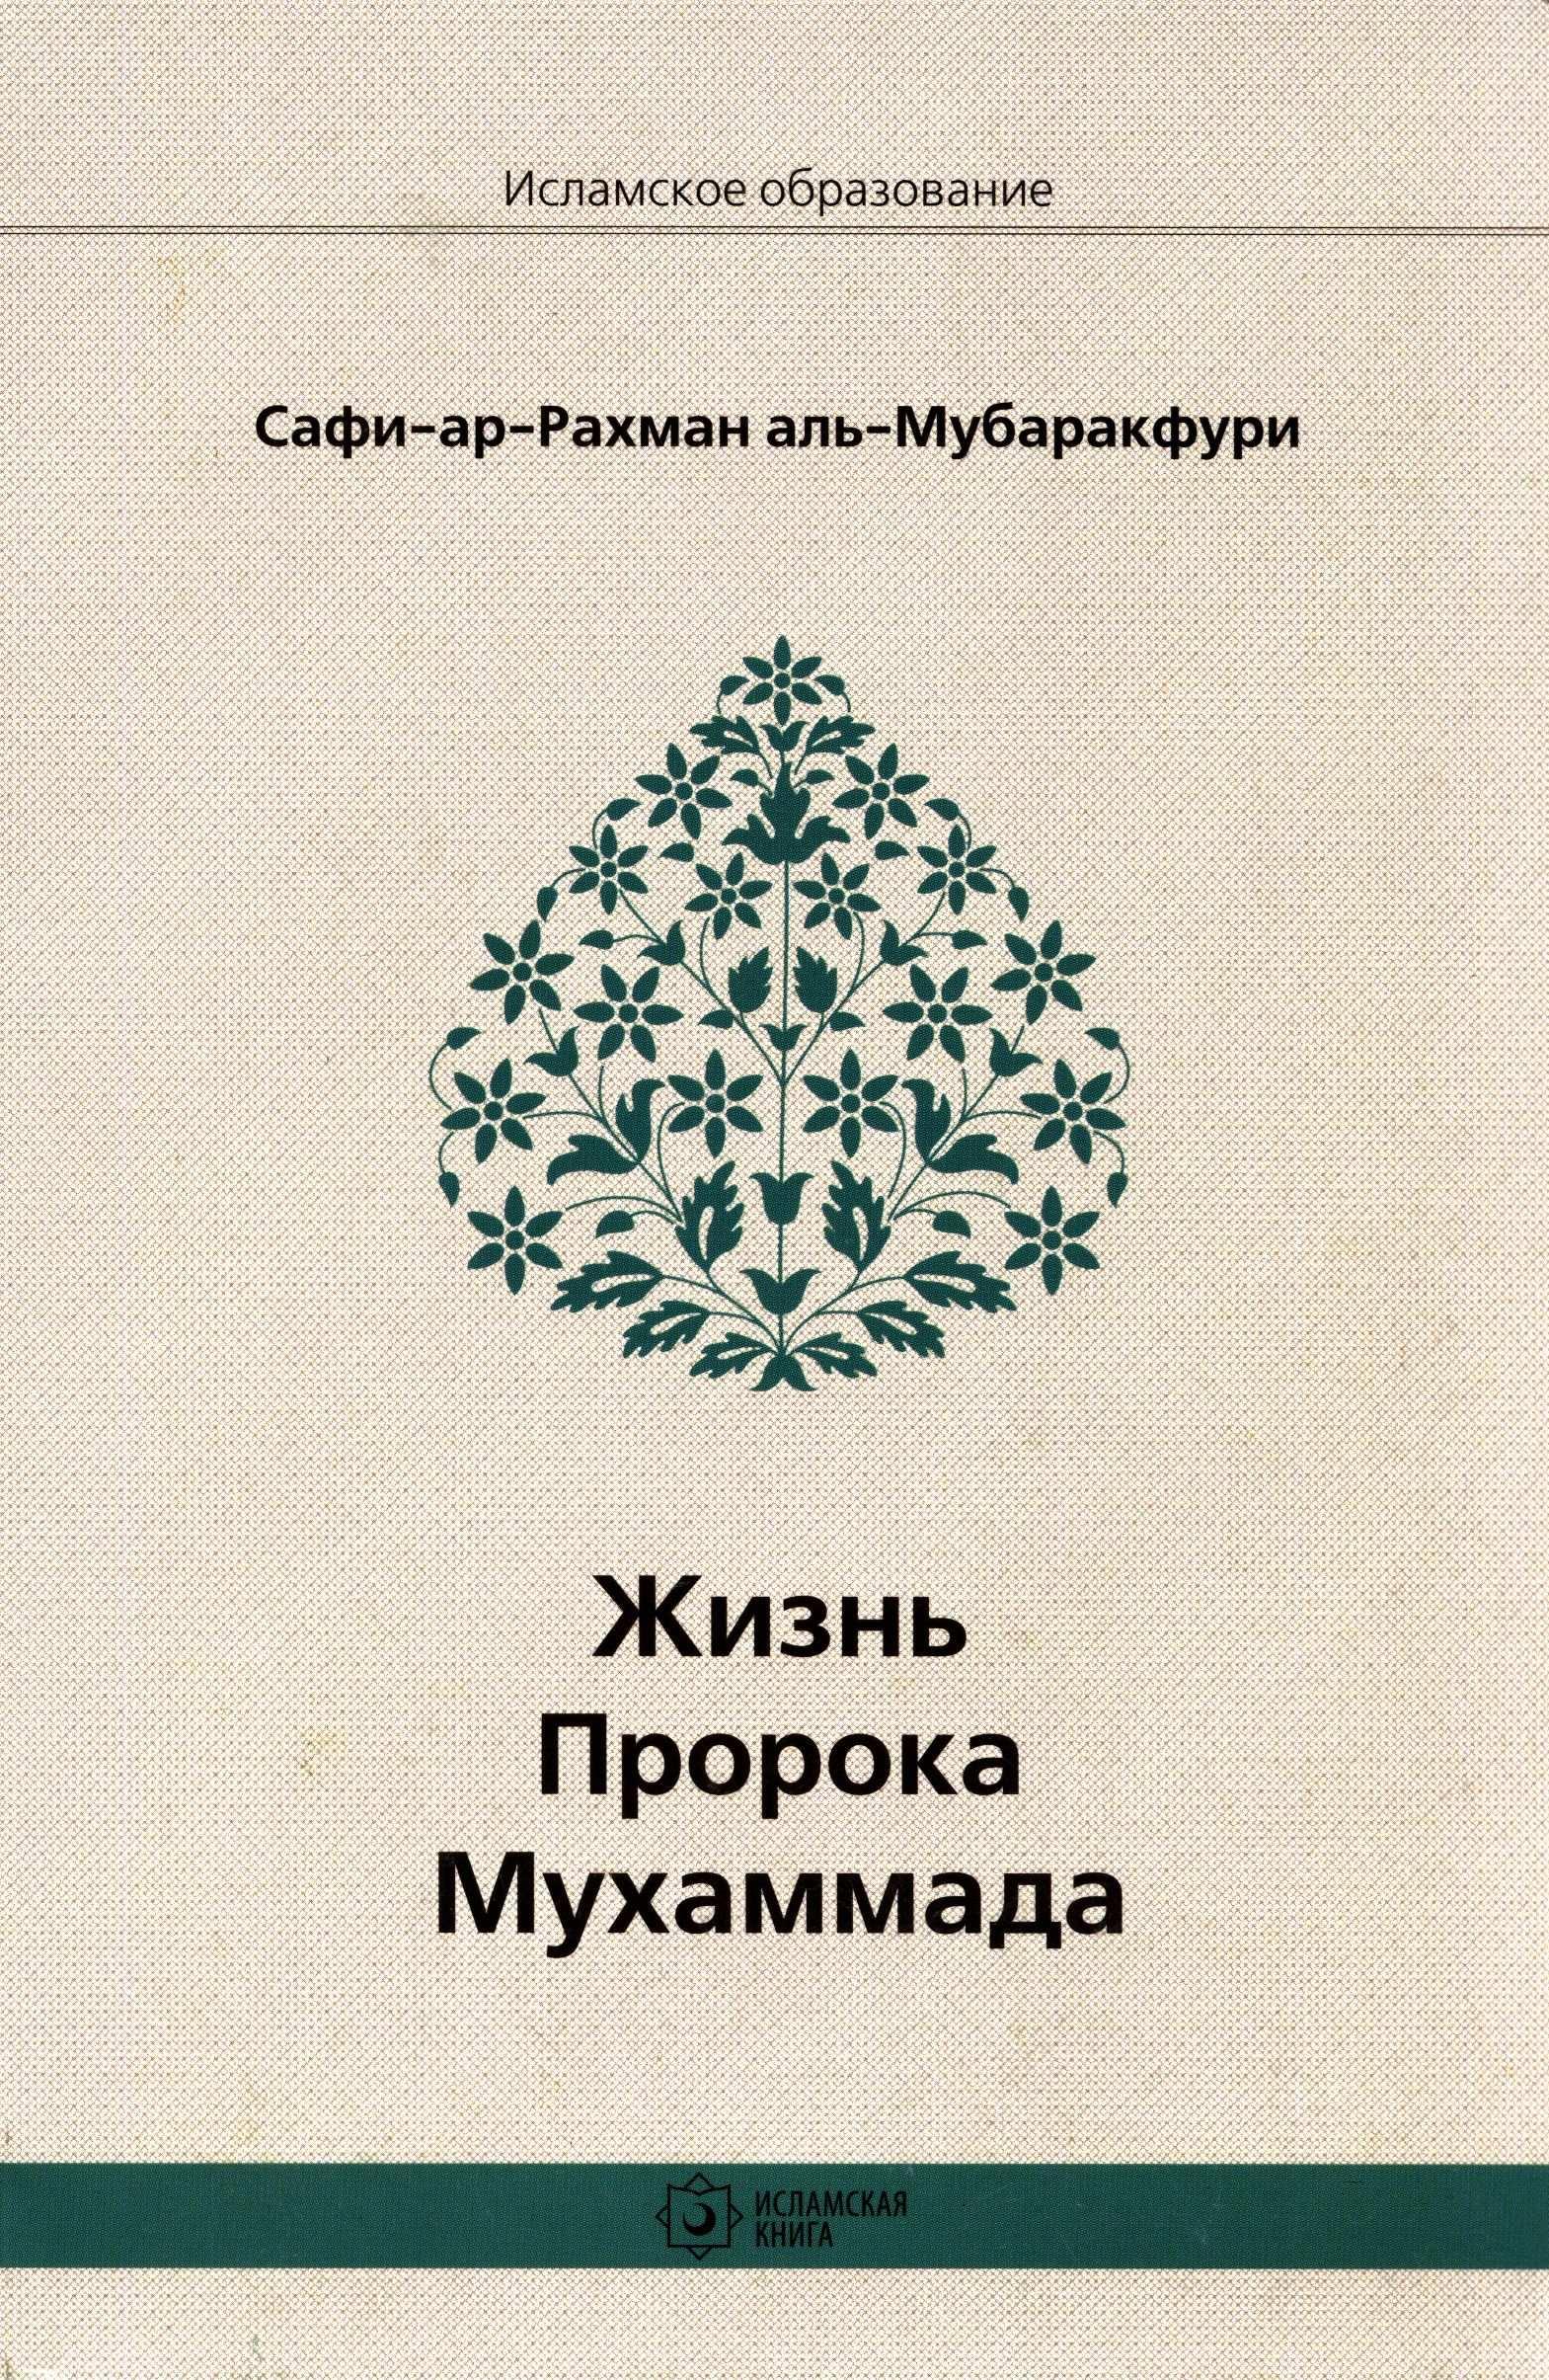 Мухаммад. Жизнеописание пророка на основе самых ранних источников.